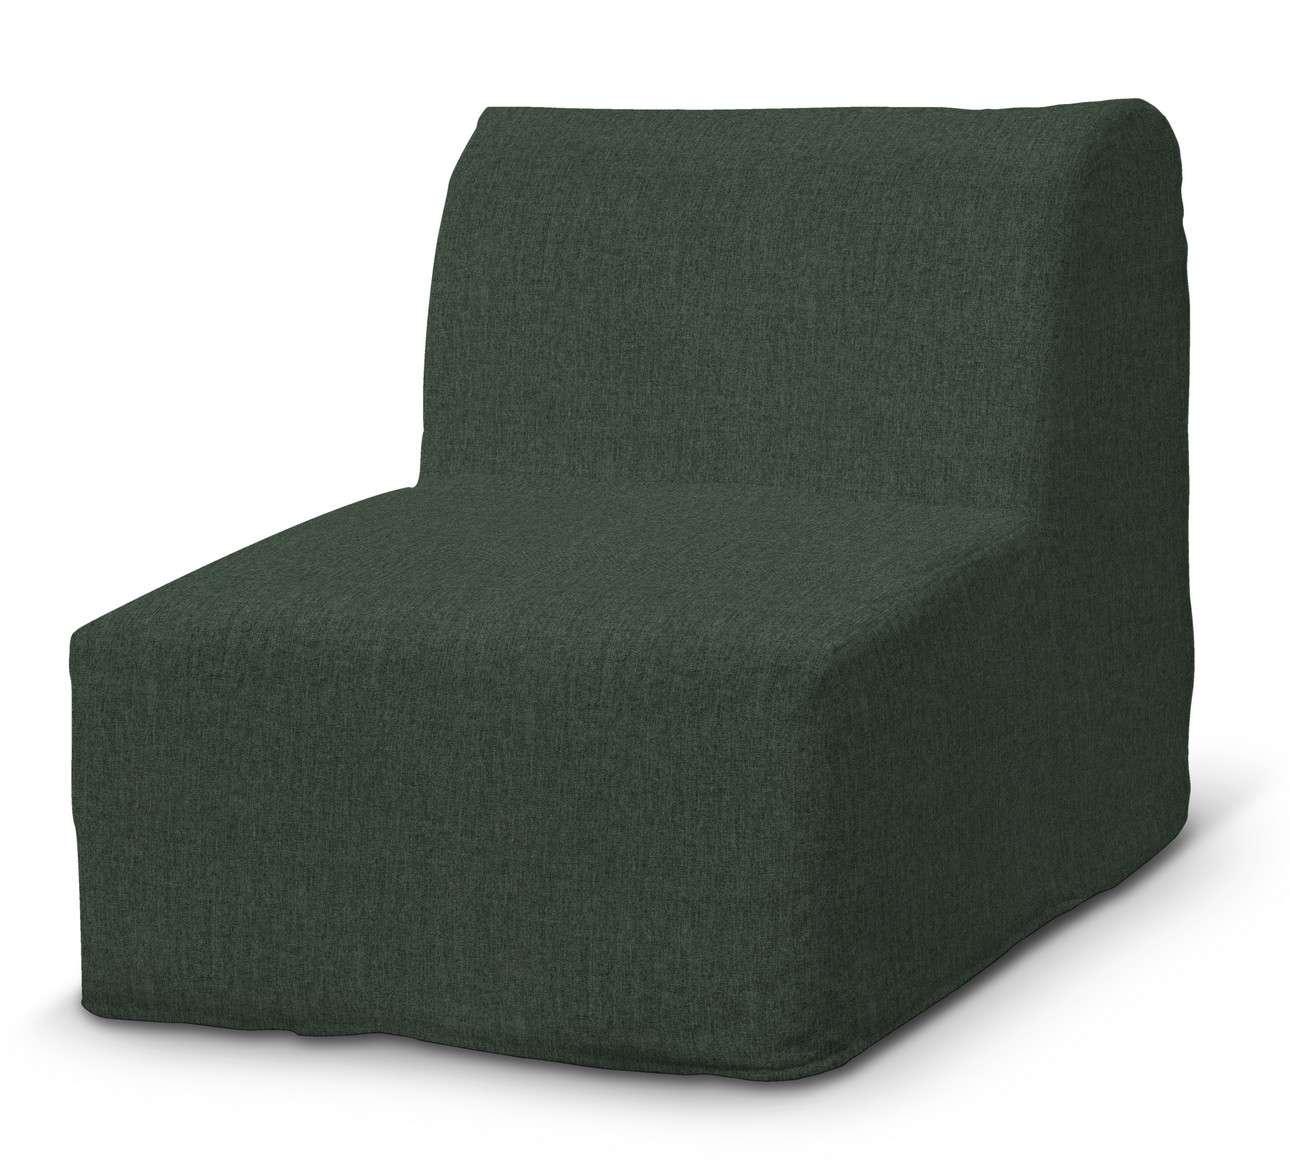 Pokrowiec na fotel Lycksele prosty w kolekcji City, tkanina: 704-81